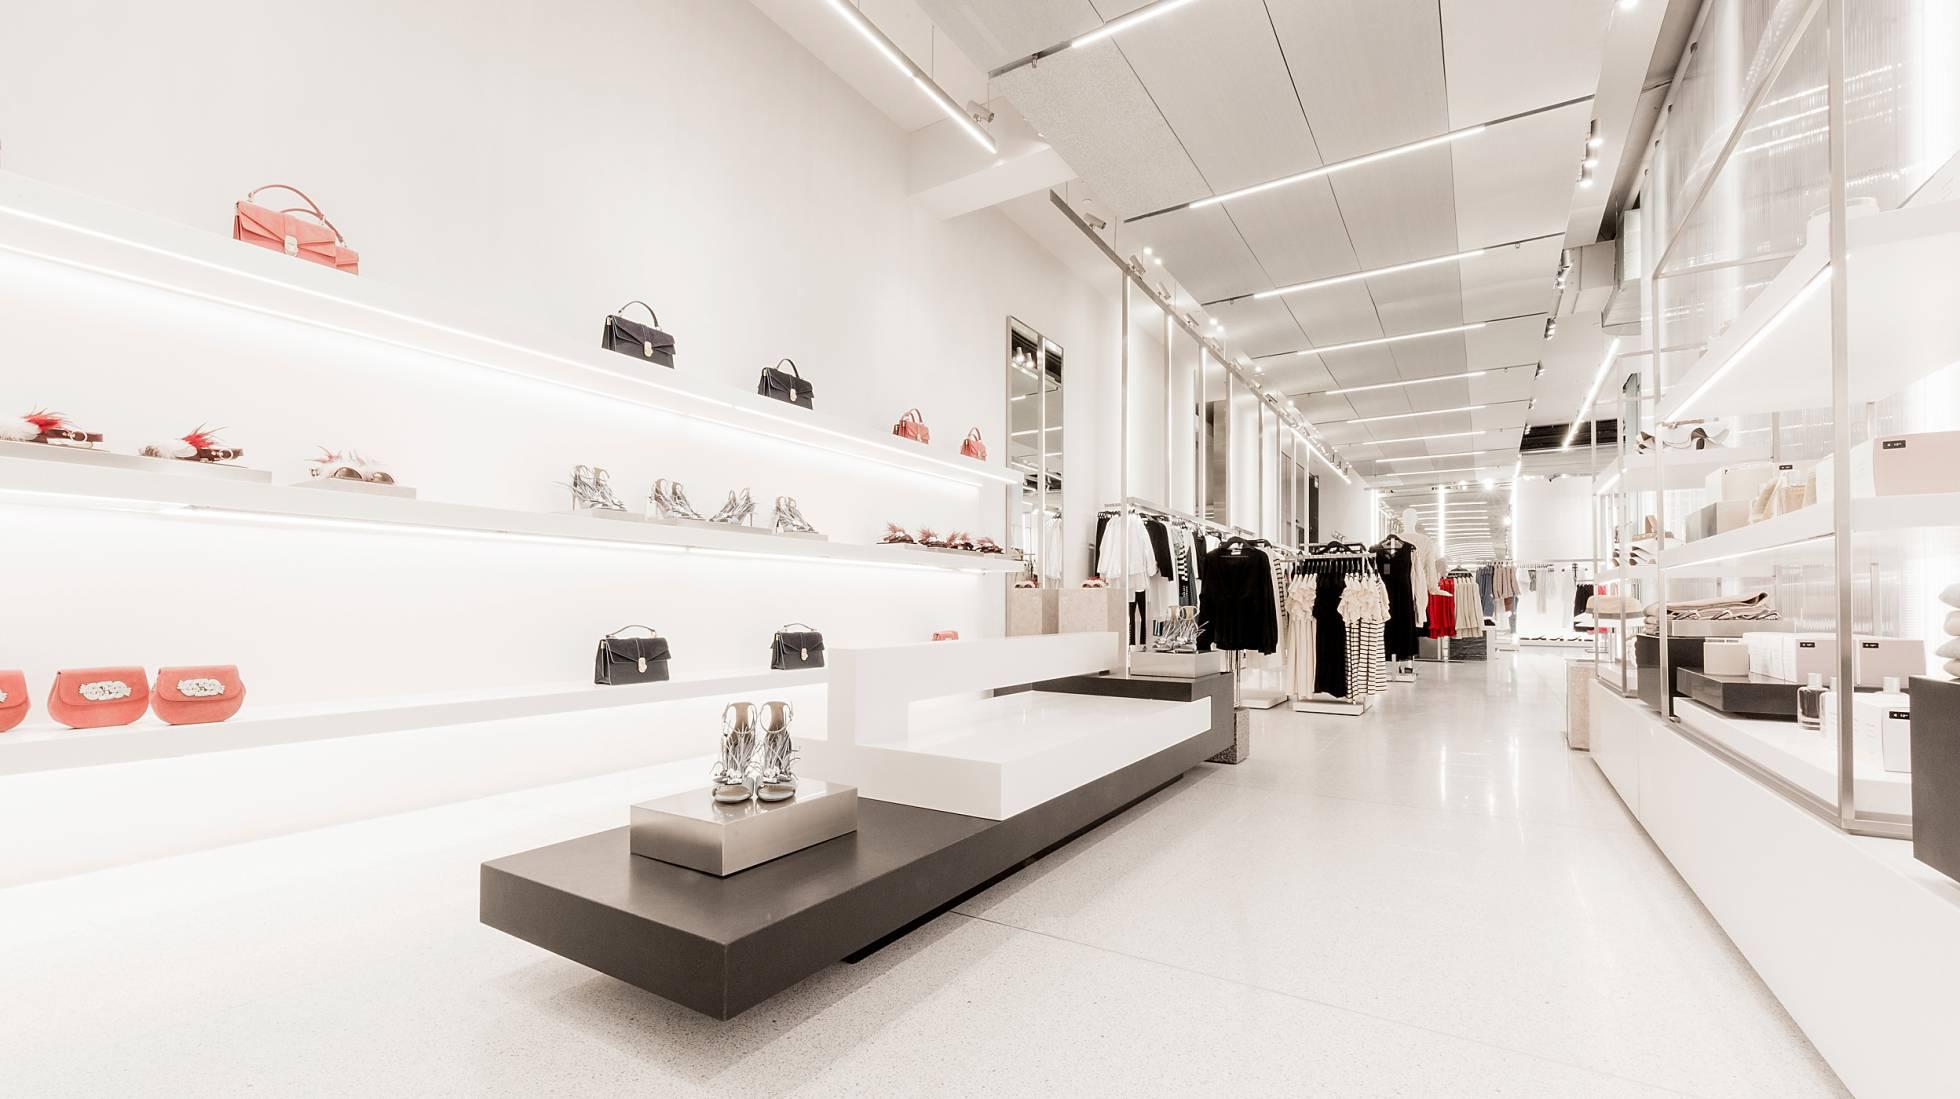 Tienda Zara - Conozca por dentro la tienda Zara más grande del mundo del Grupo Inditex